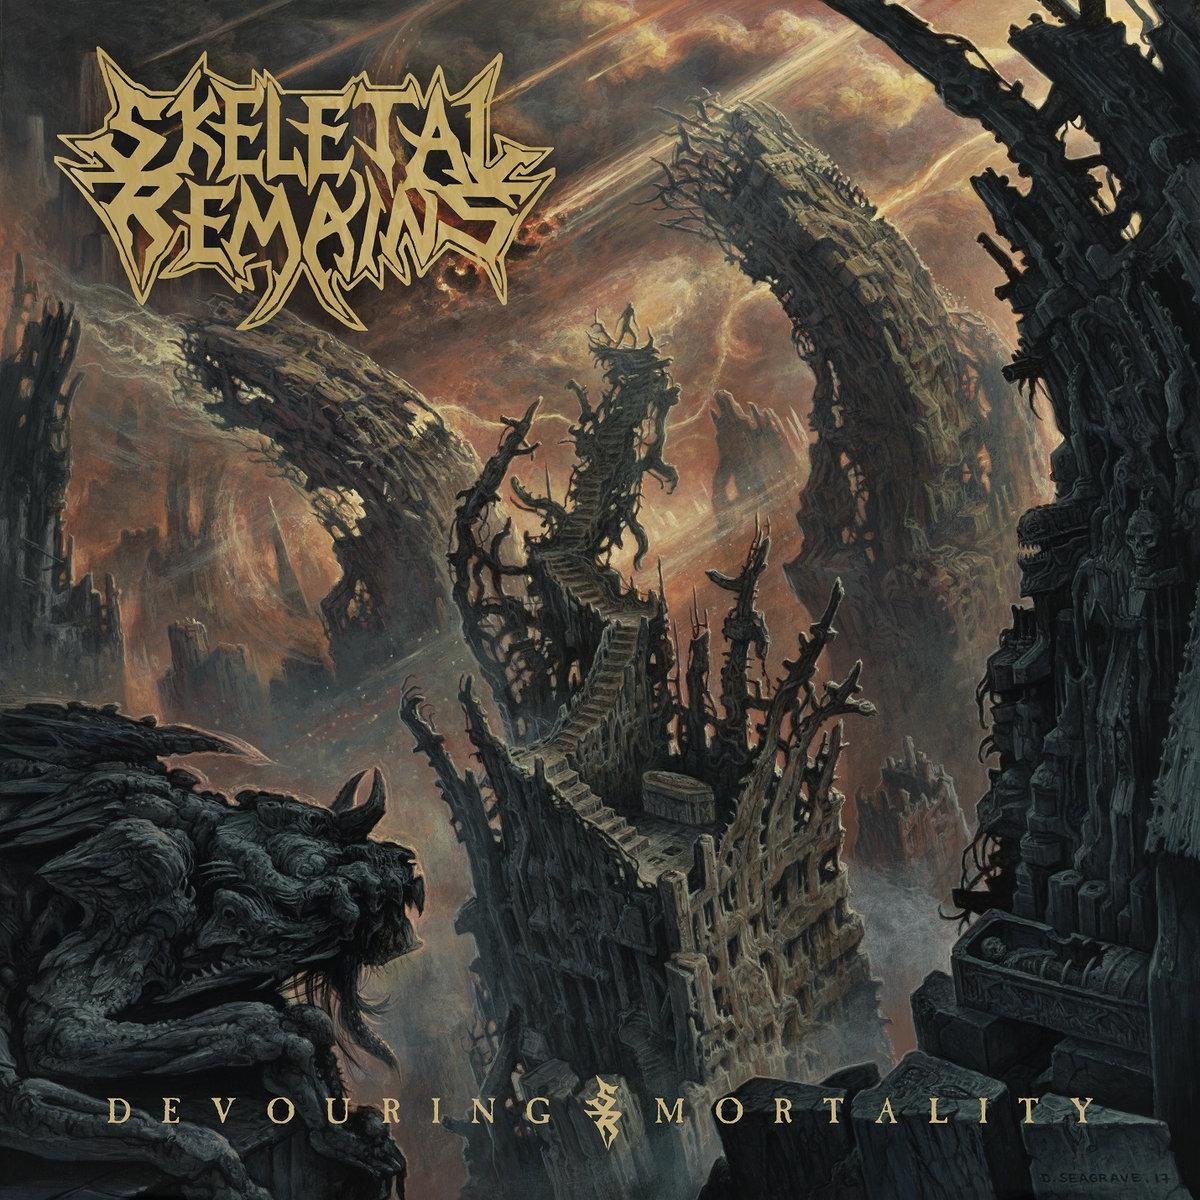 Skeletal Remains – Devouring Mortality